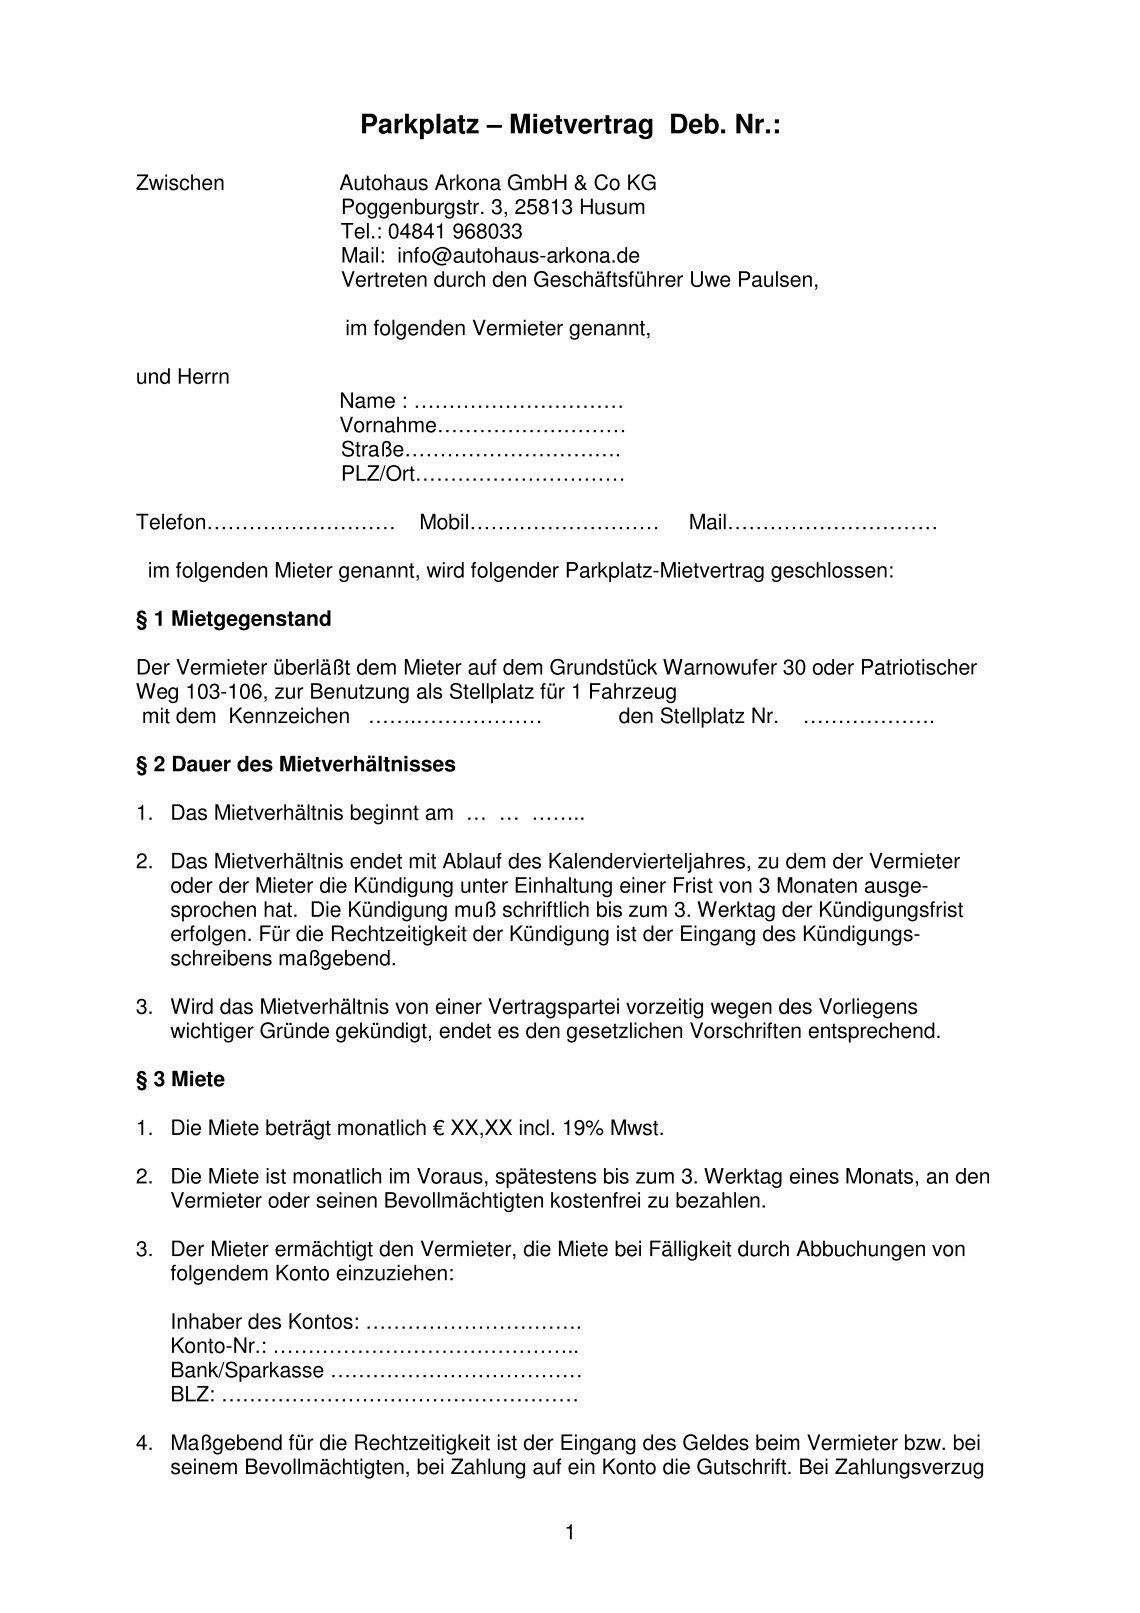 Ausgezeichnet Mietvertrag Vorlage Wort Zeitgenössisch ...